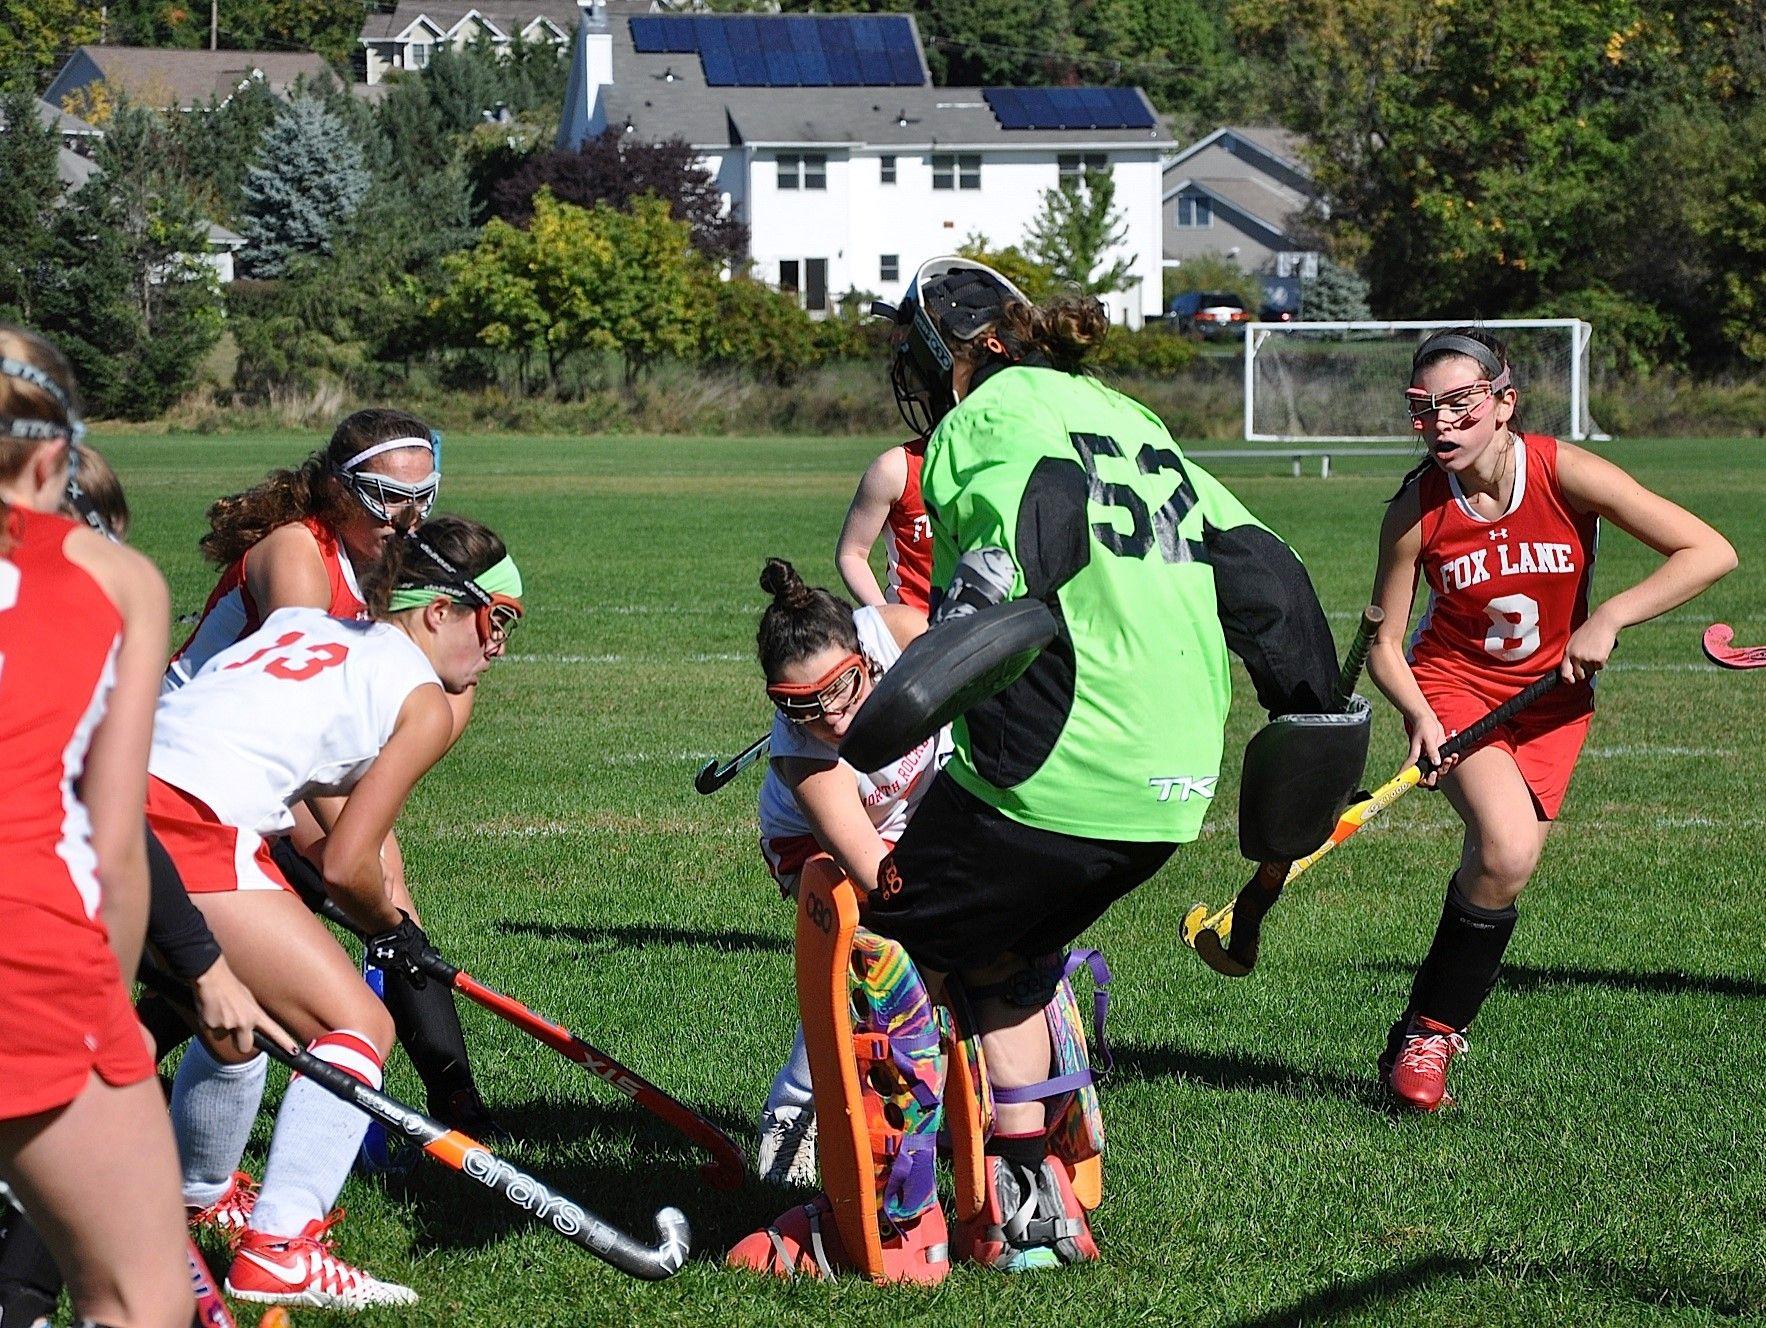 Fox Lane goalie Grace Kiernan stops Caitlin Lynch as Kerri Gutenberger (13) looks for rebound.